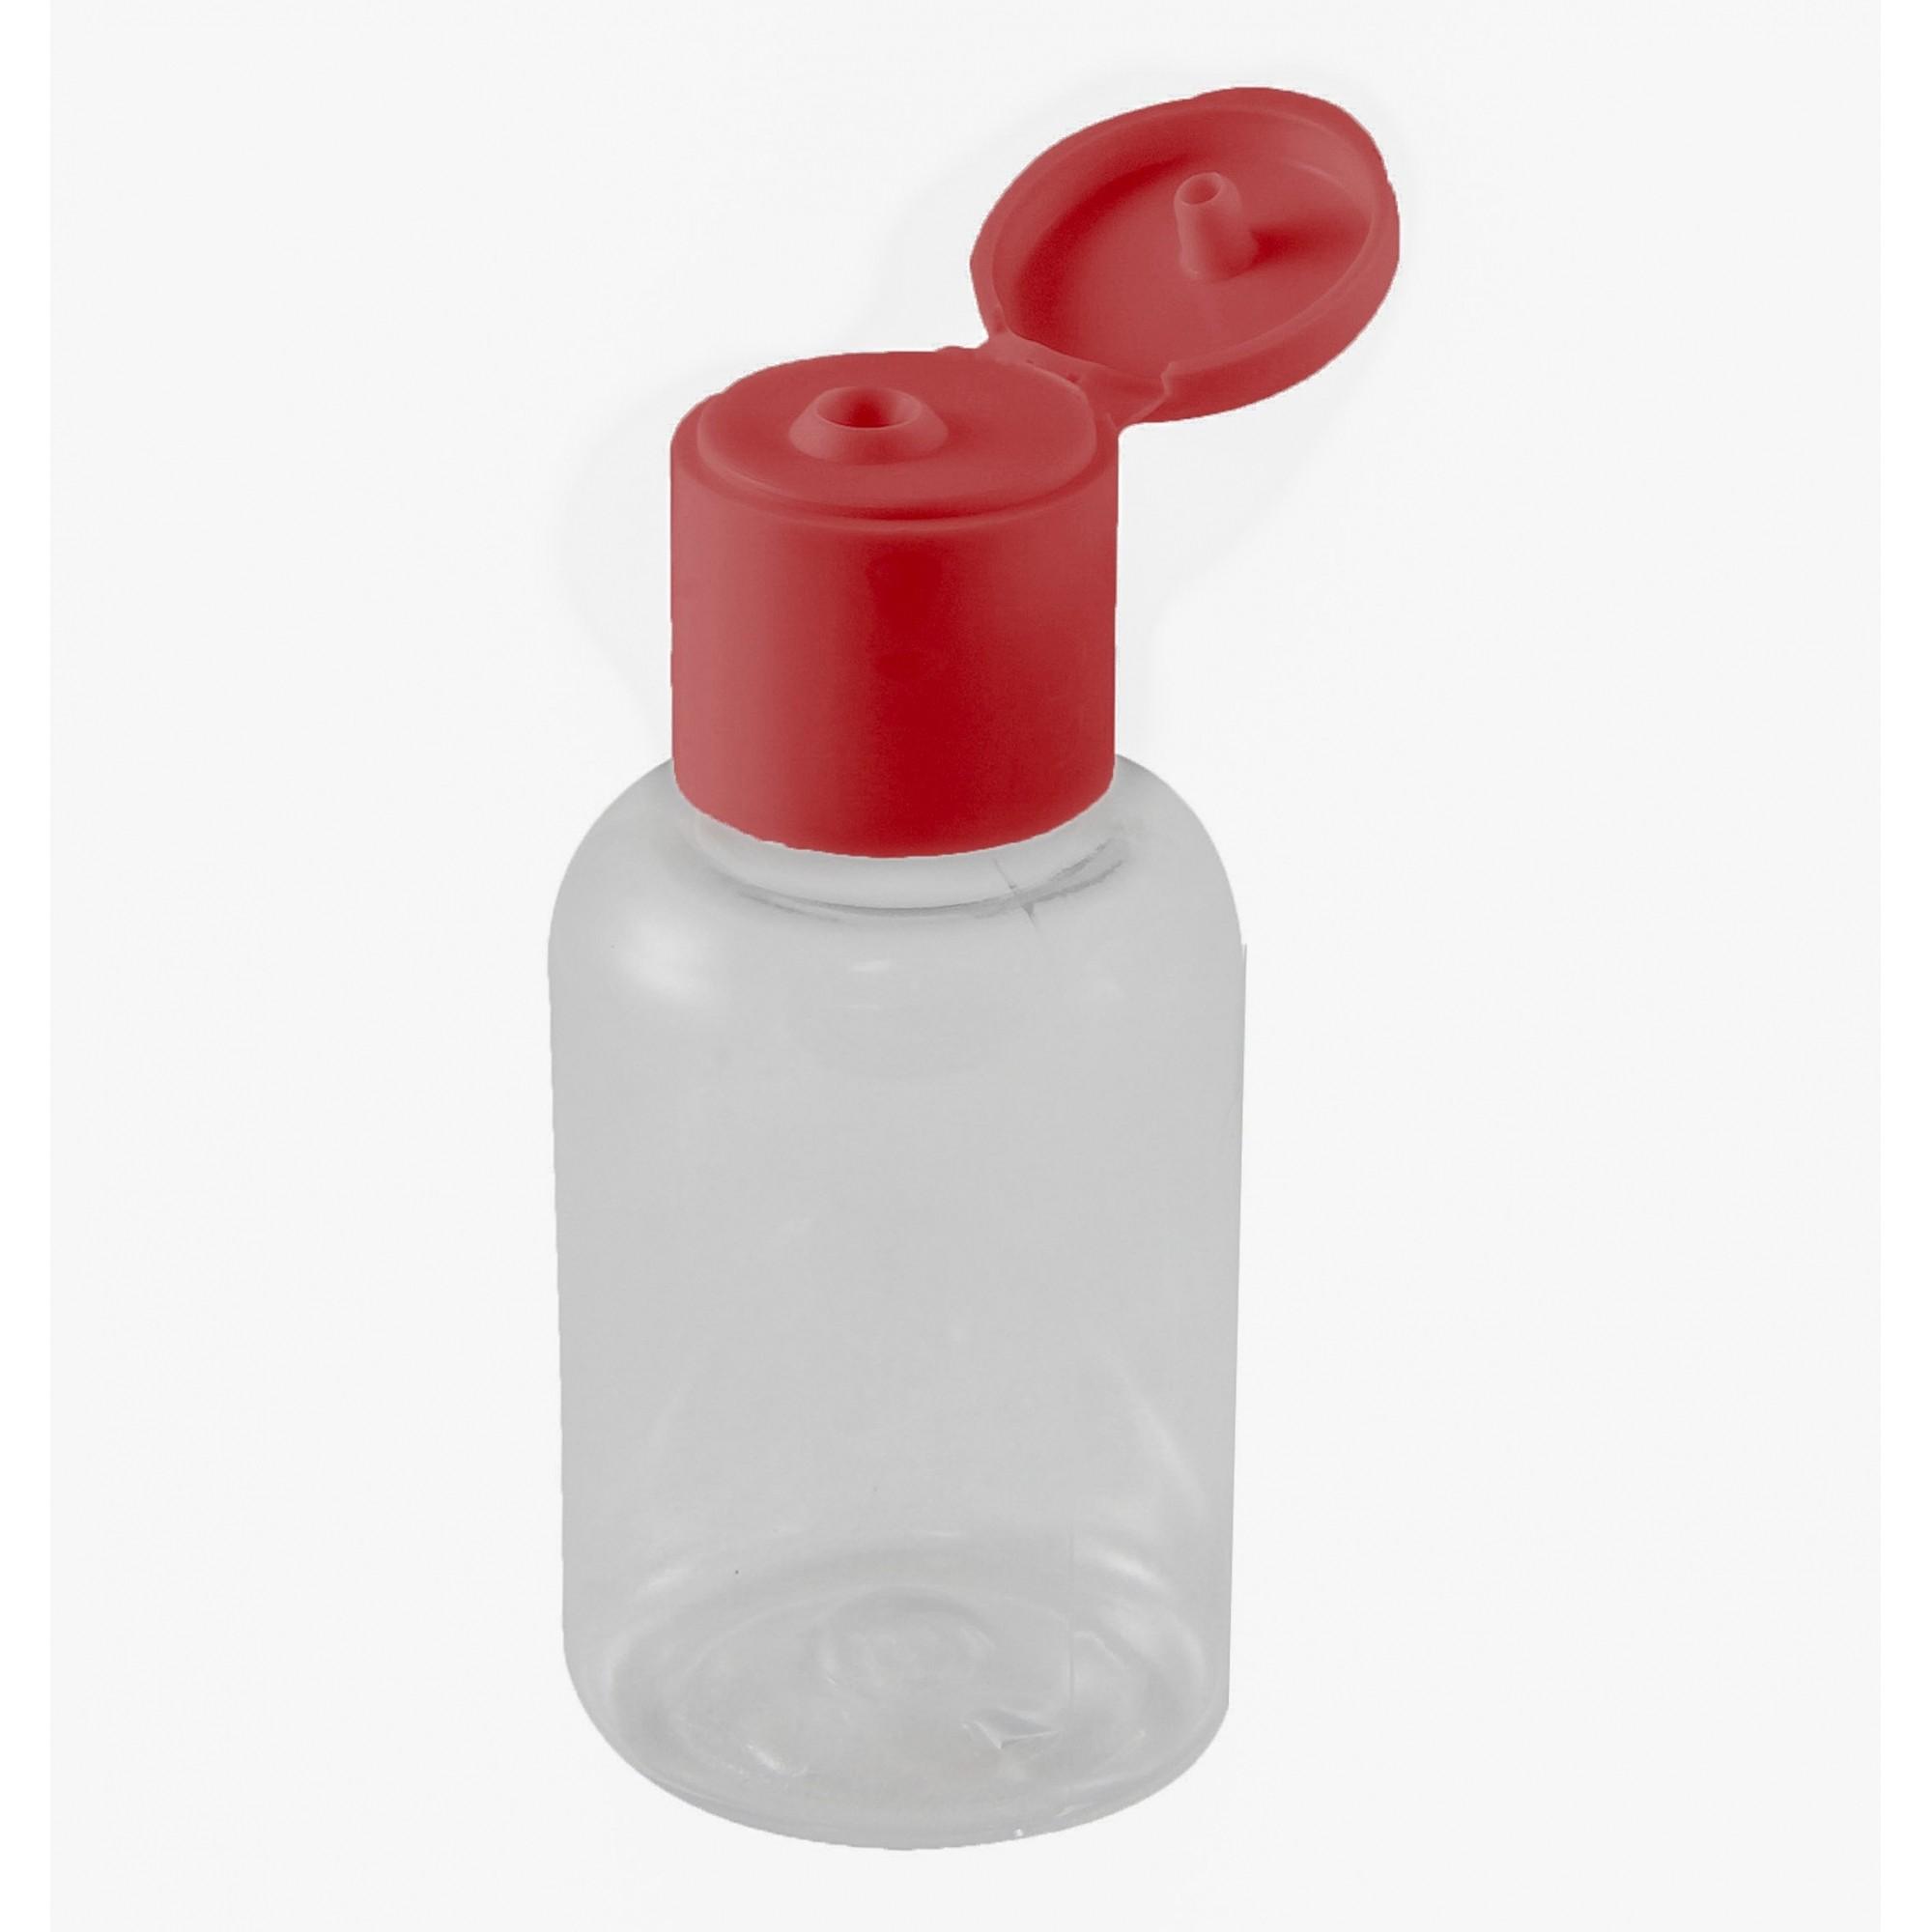 Embalagem para Álcool gel Lembrancinha 30 ml Flip Top kit 10 unid